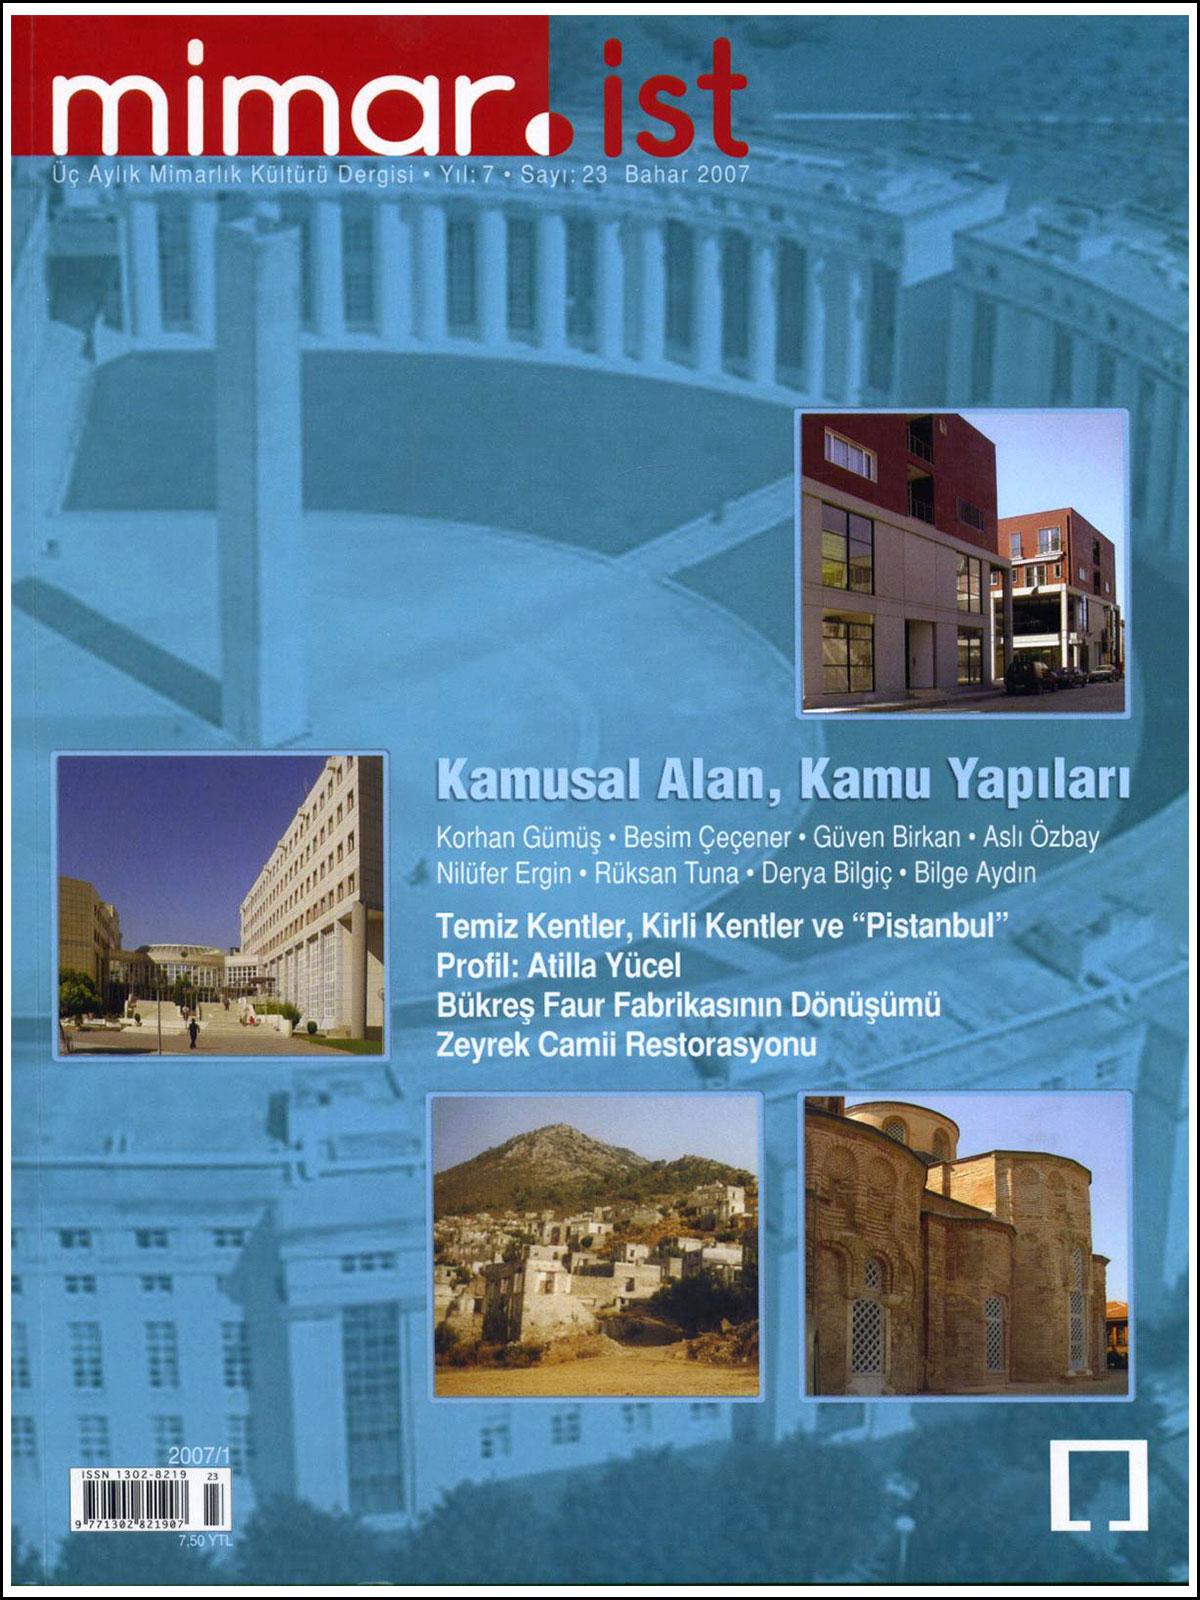 Mimar.ist Magazine